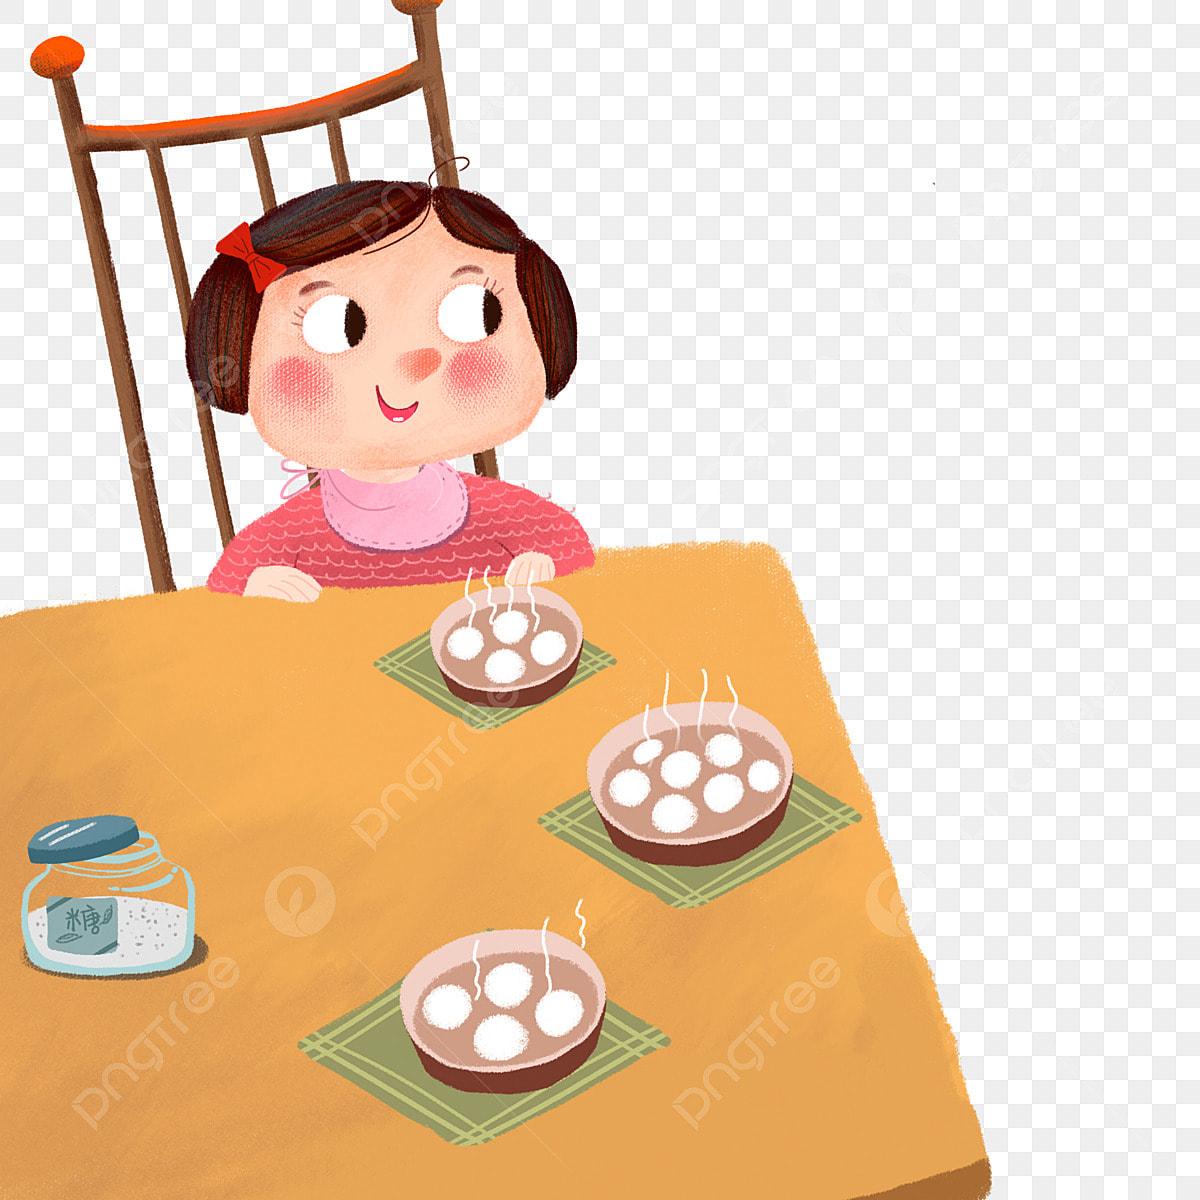 Gambar Warna Kreatif Makan Bola Nasi Meja Yang Gadis Makanan Png Dan Psd Untuk Muat Turun Percuma